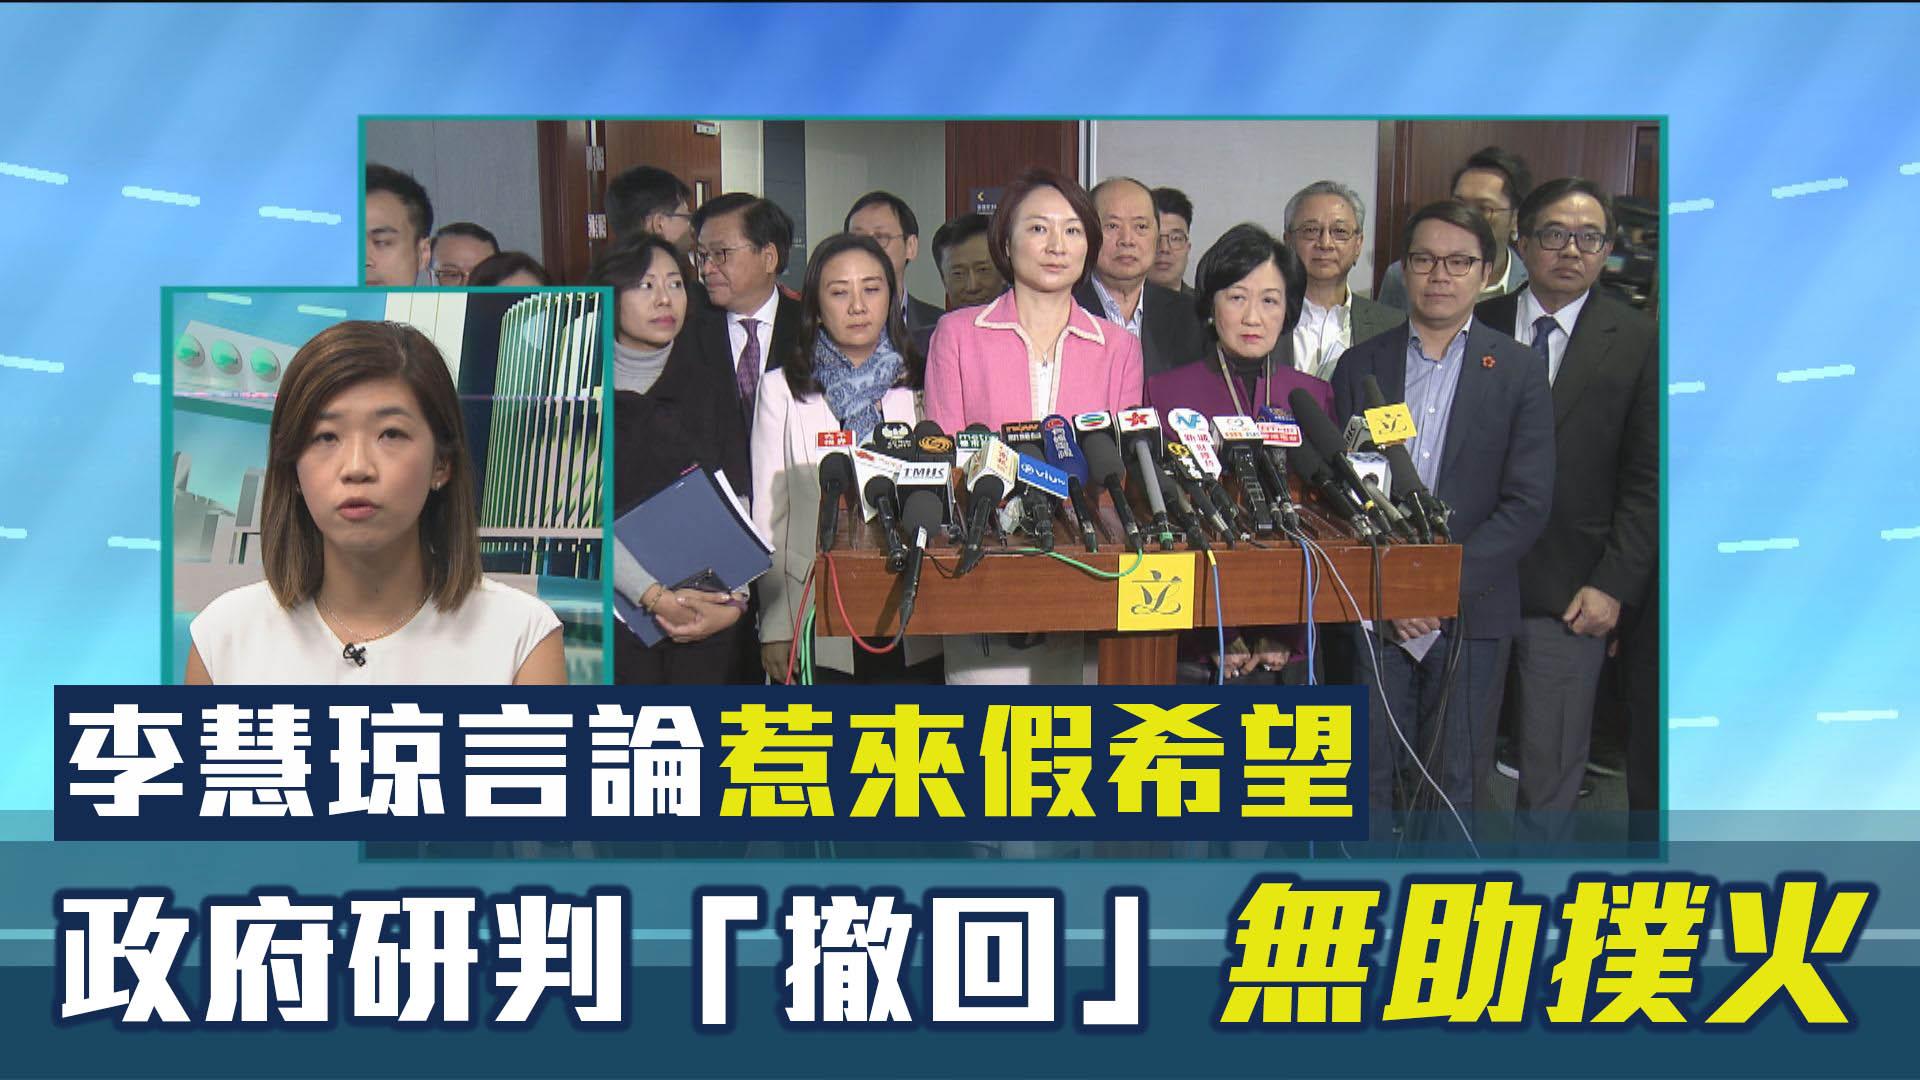 【政情】李慧琼言論惹來假希望 政府研判「撤回」無助撲火